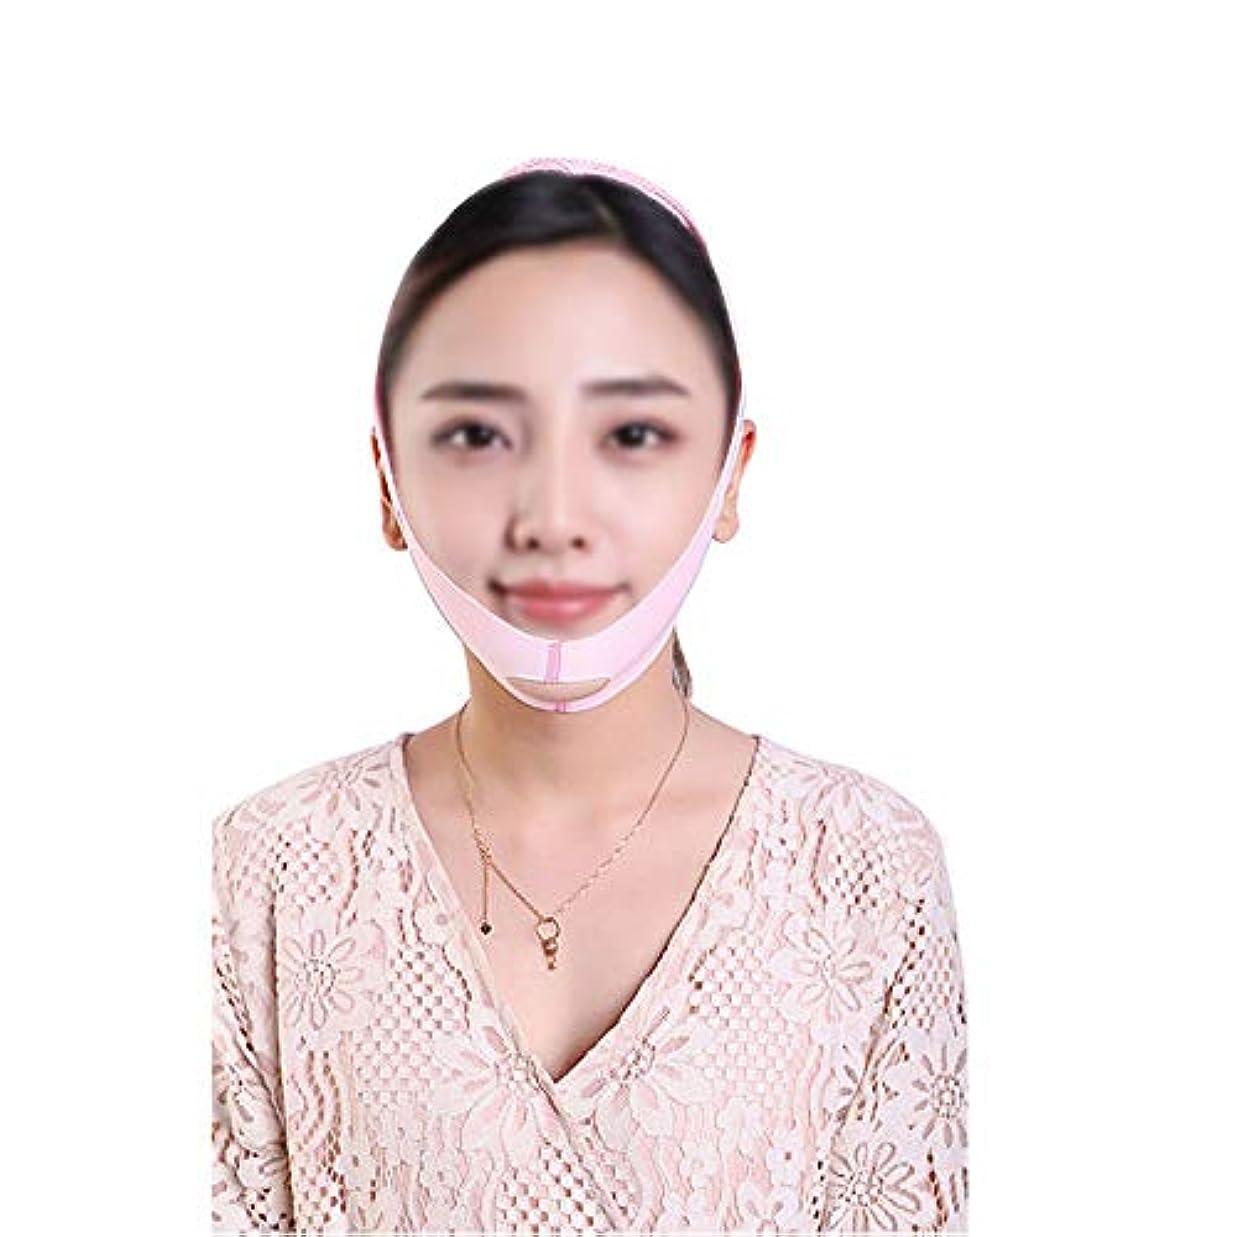 つぼみアンソロジー一定TLMY 薄いフェイスマスク引き締めアンチフロントドルーピングアーティファクト小さなVフェイス包帯マスク 顔用整形マスク